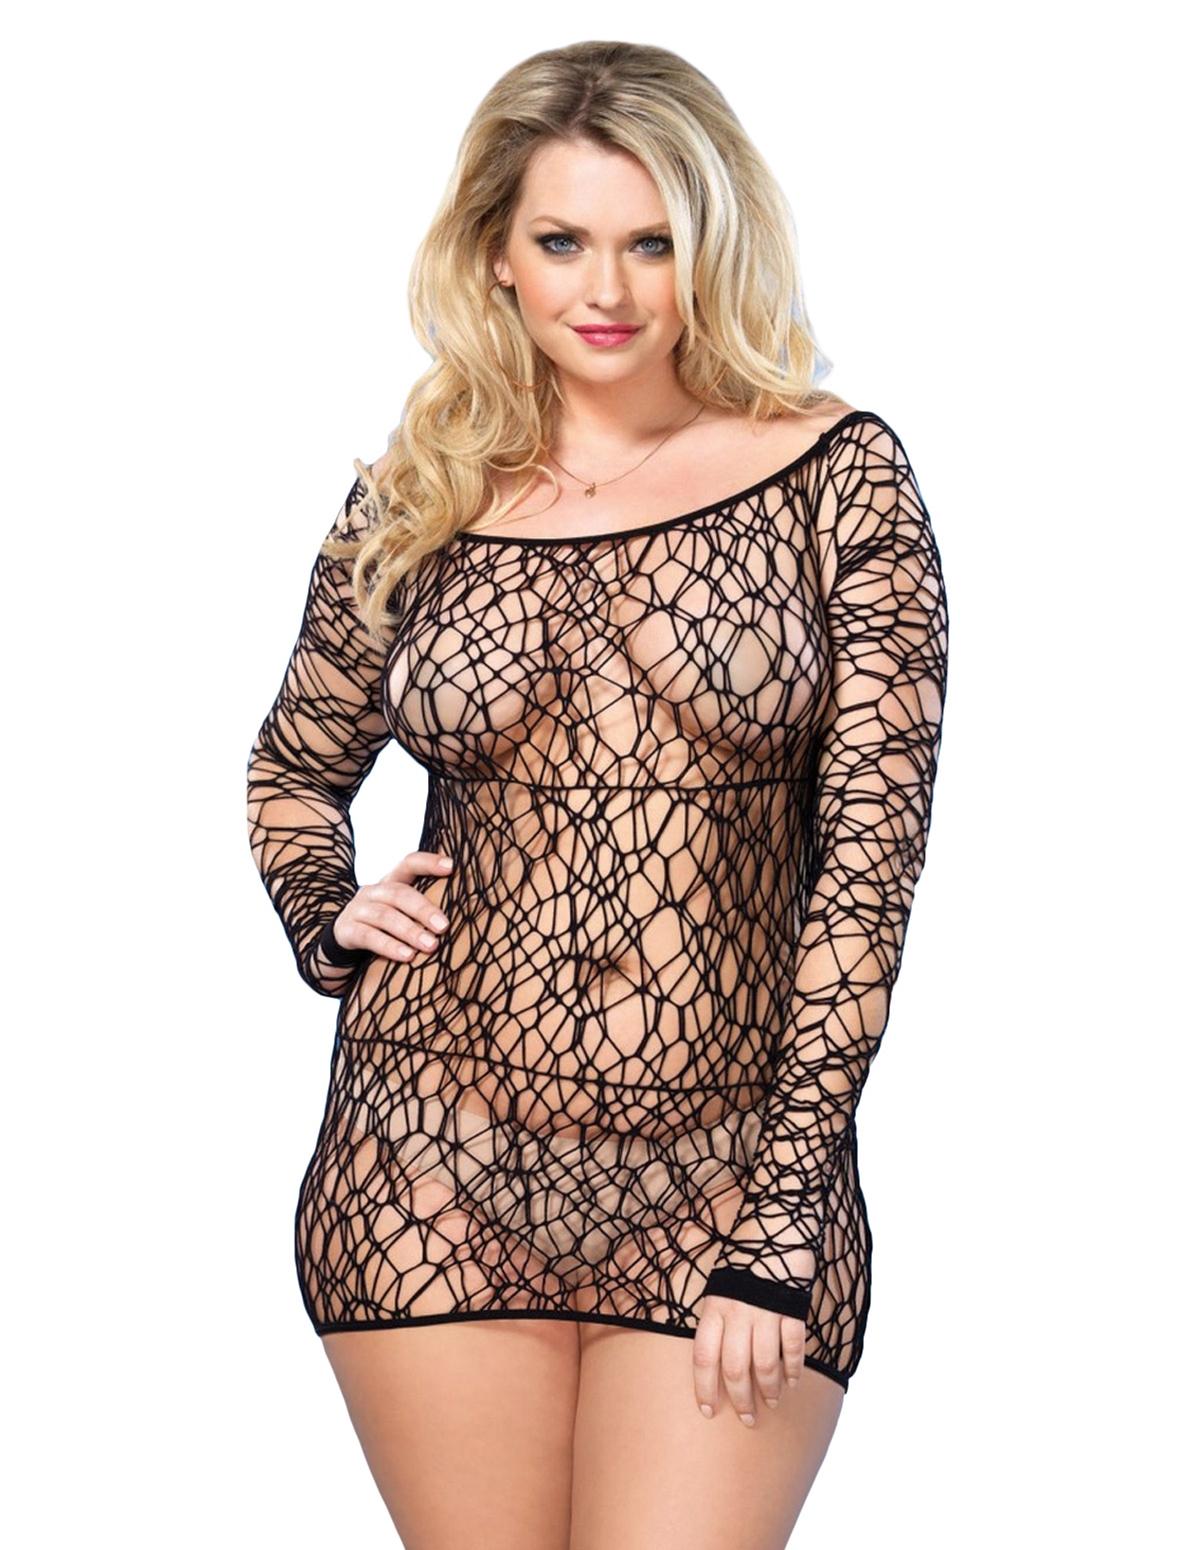 Spider Net Dress - Plus